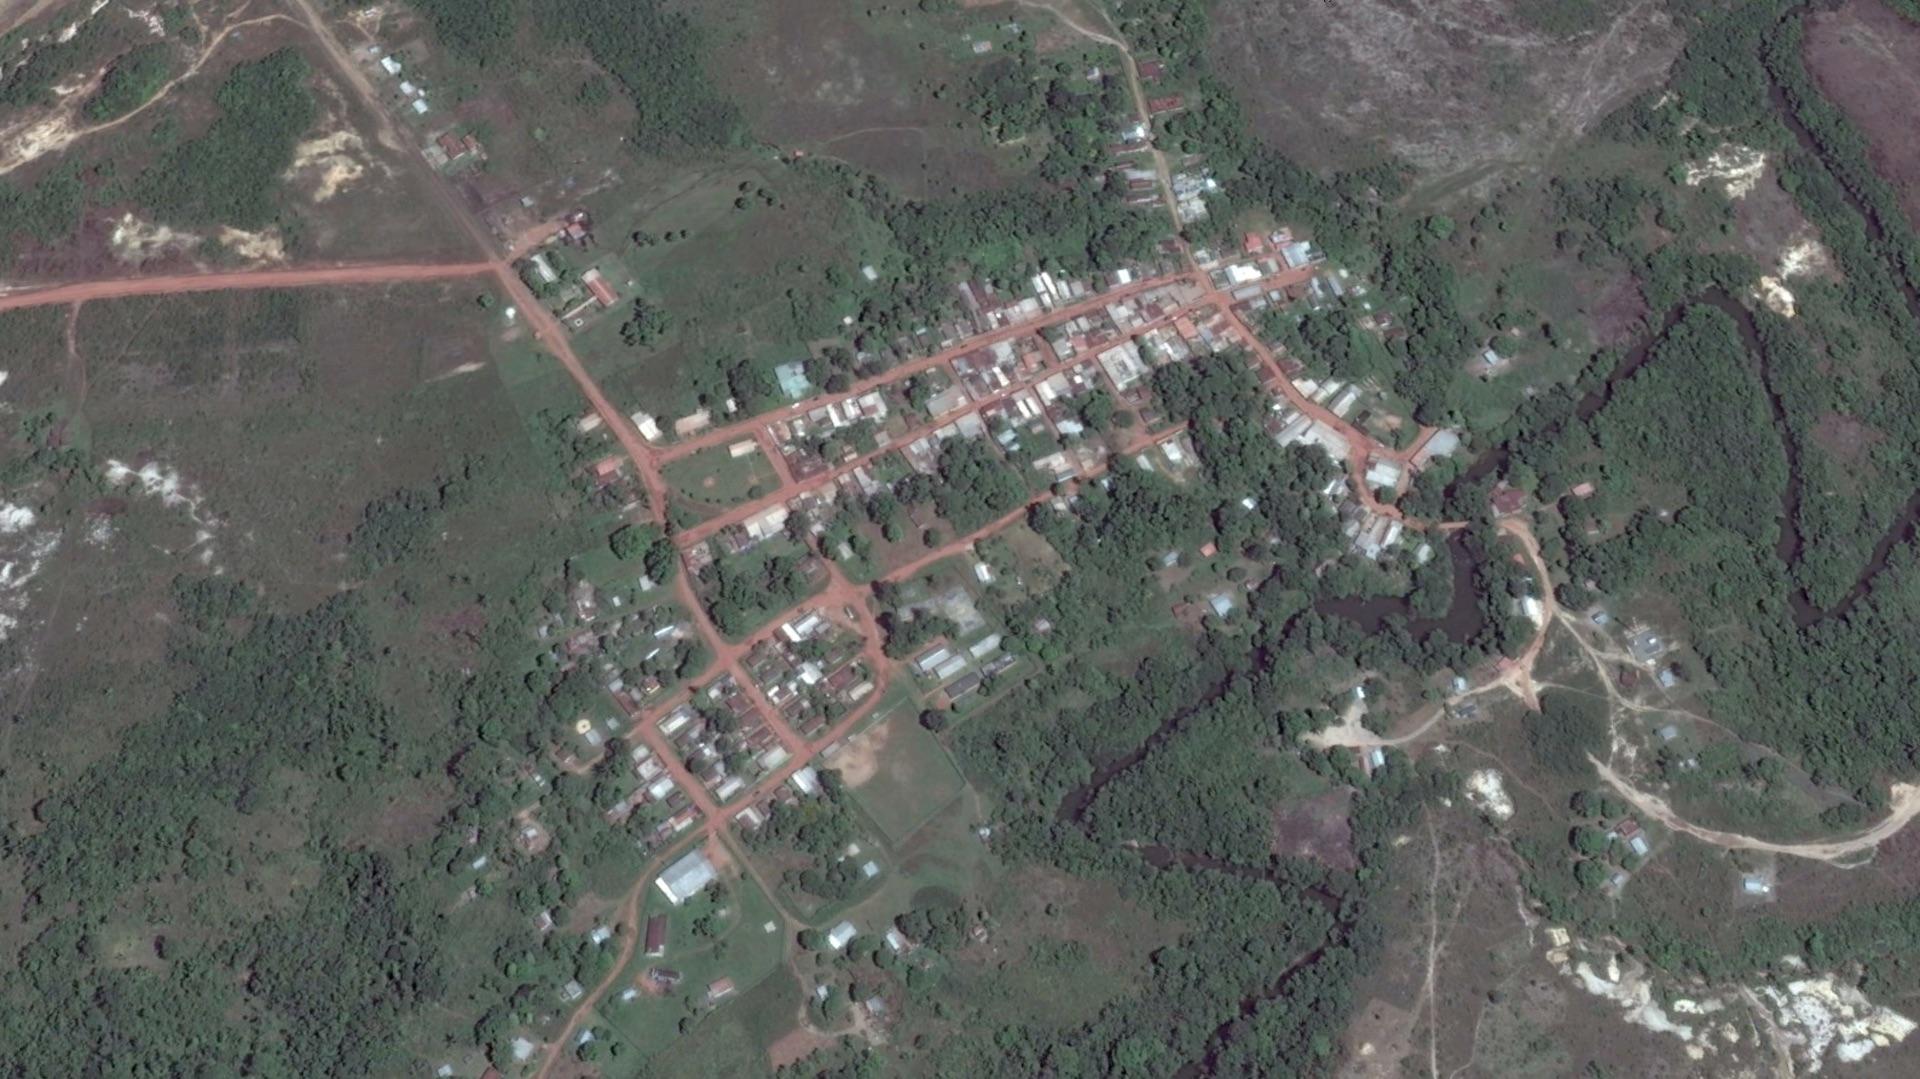 Ikabarú en claves: De bloque especial del Arco Minero a escenario de una masacre